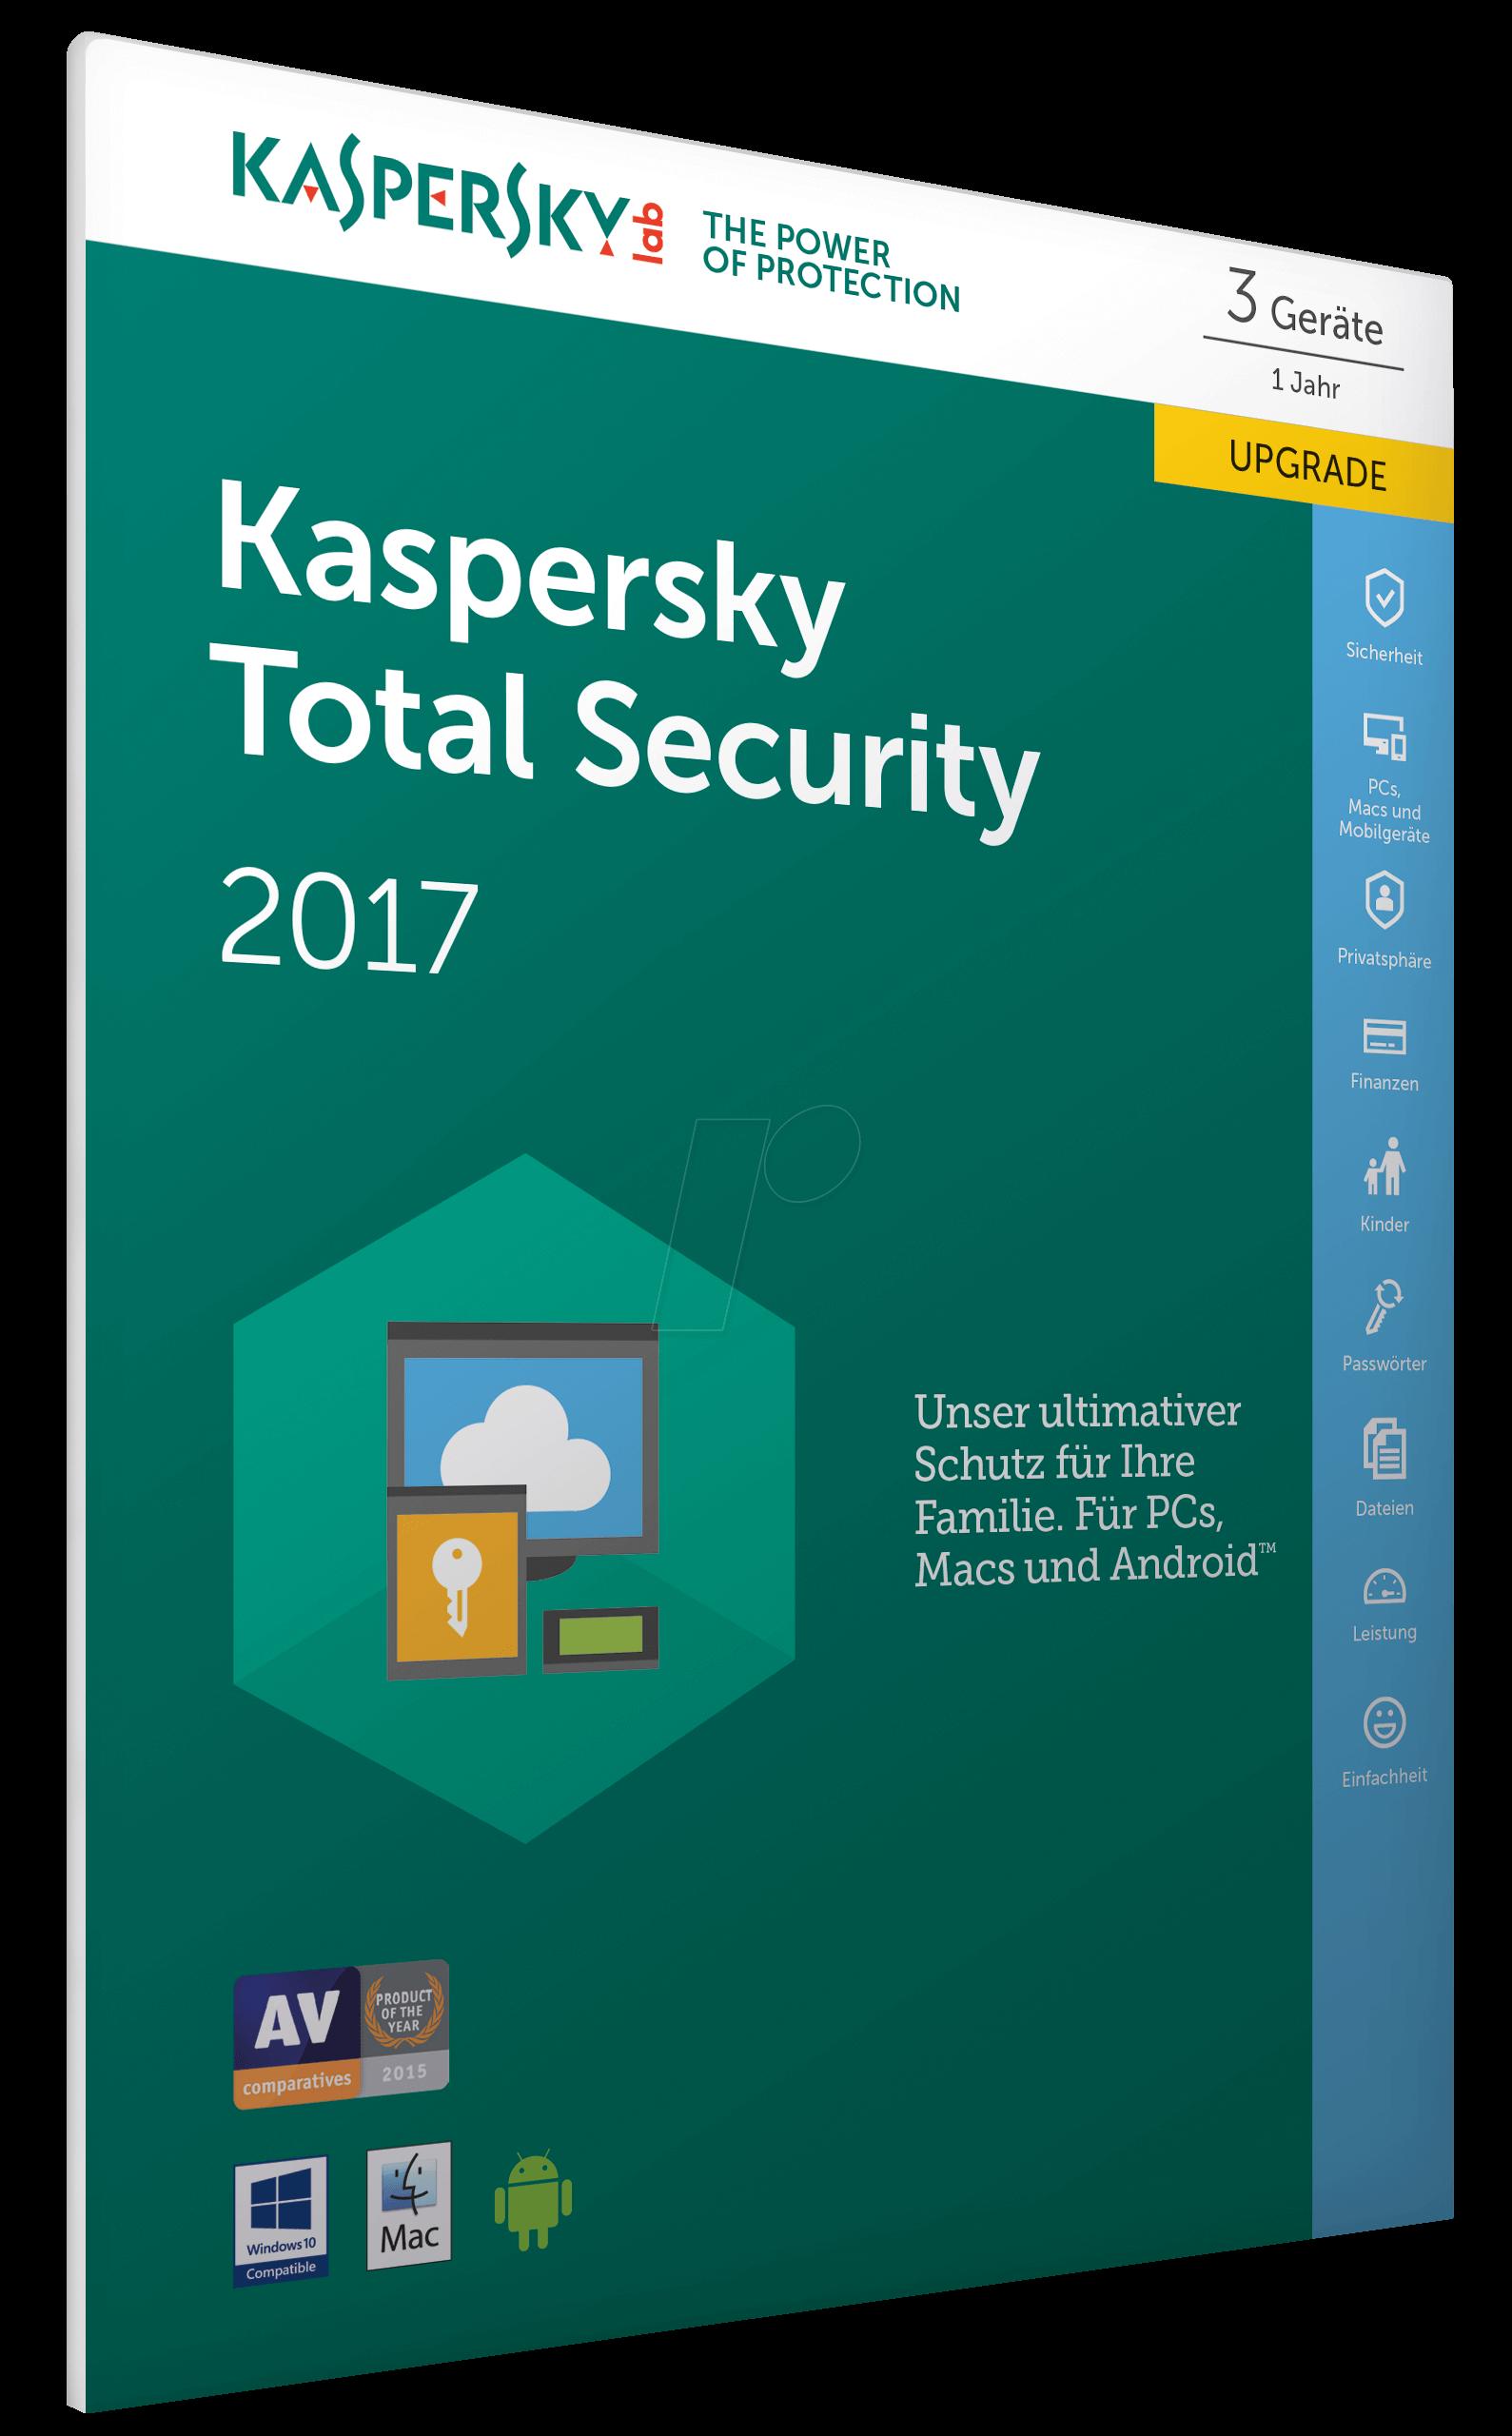 https://cdn-reichelt.de/bilder/web/xxl_ws/G500/KASPERSKY_TS2017_UPG_01.png